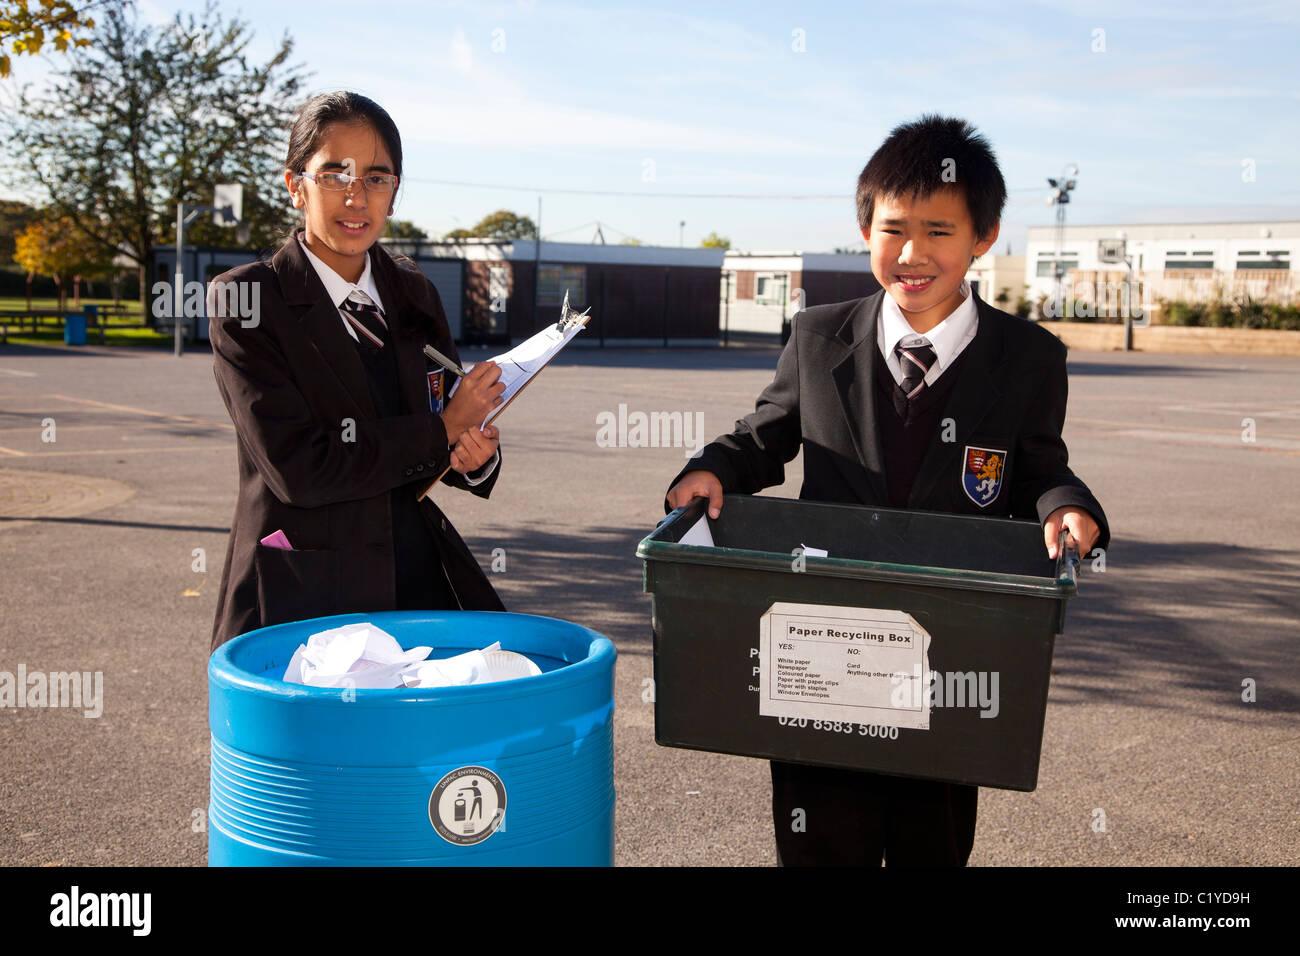 schoolchildren 'school children' recycling paper - Stock Image